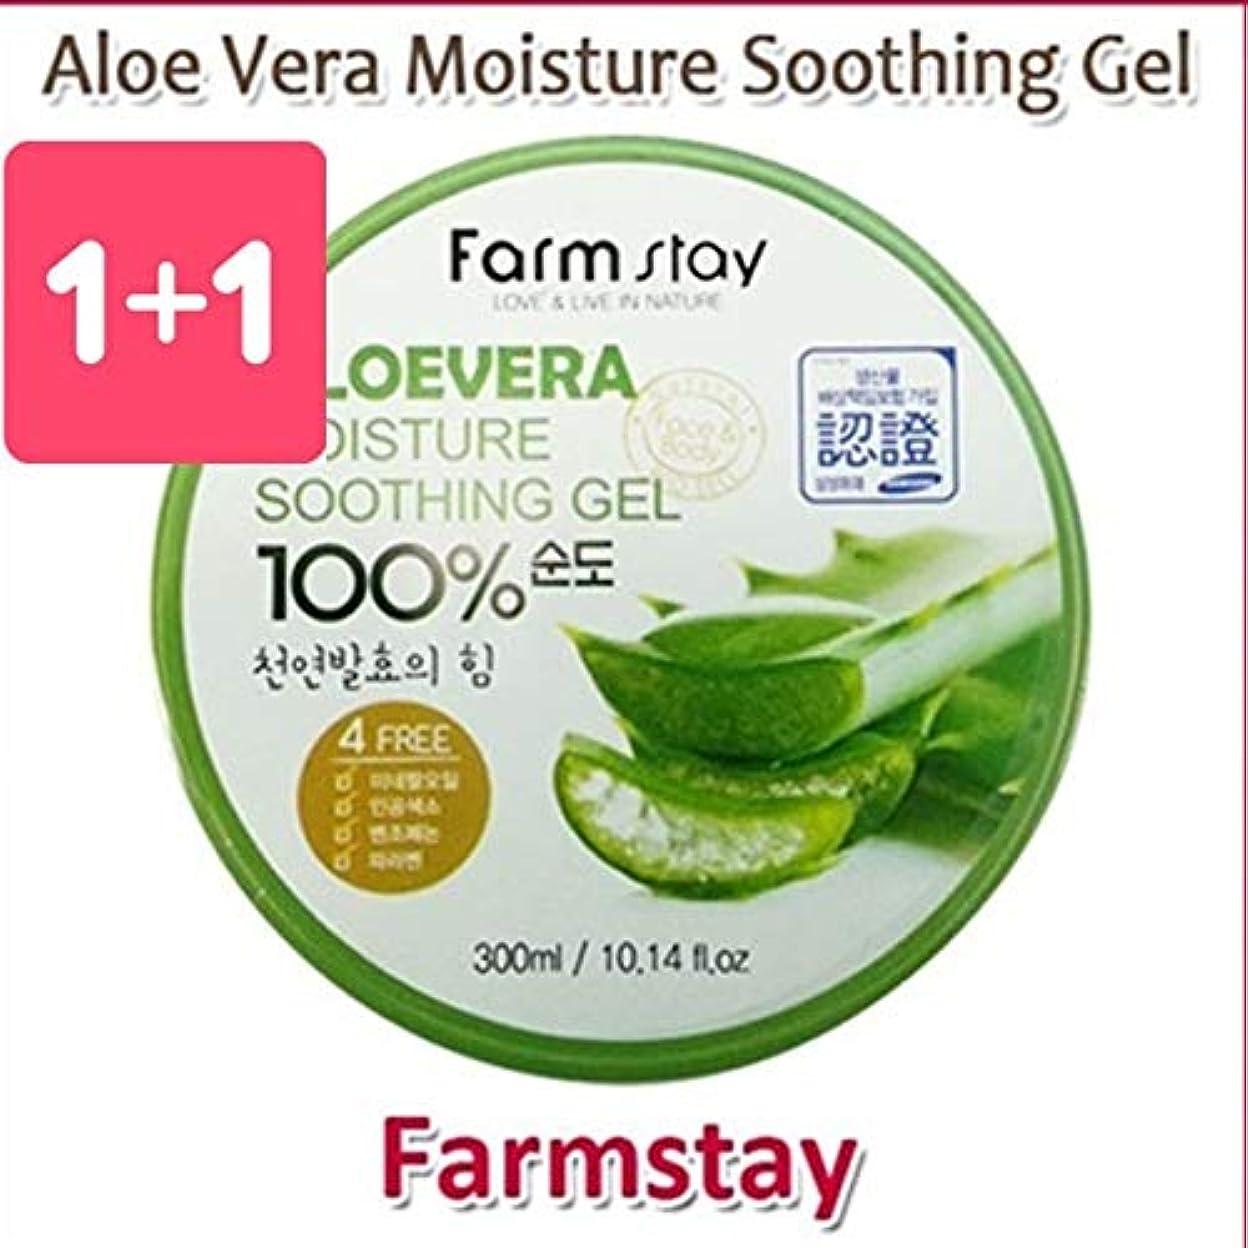 鳥アセ法医学Farm Stay Aloe Vera Moisture Soothing Gel 300ml 1+1 Big Sale/オーガニック アロエベラゲル 100%/保湿ケア/韓国コスメ/Aloe Vera 100% /Moisturizing...